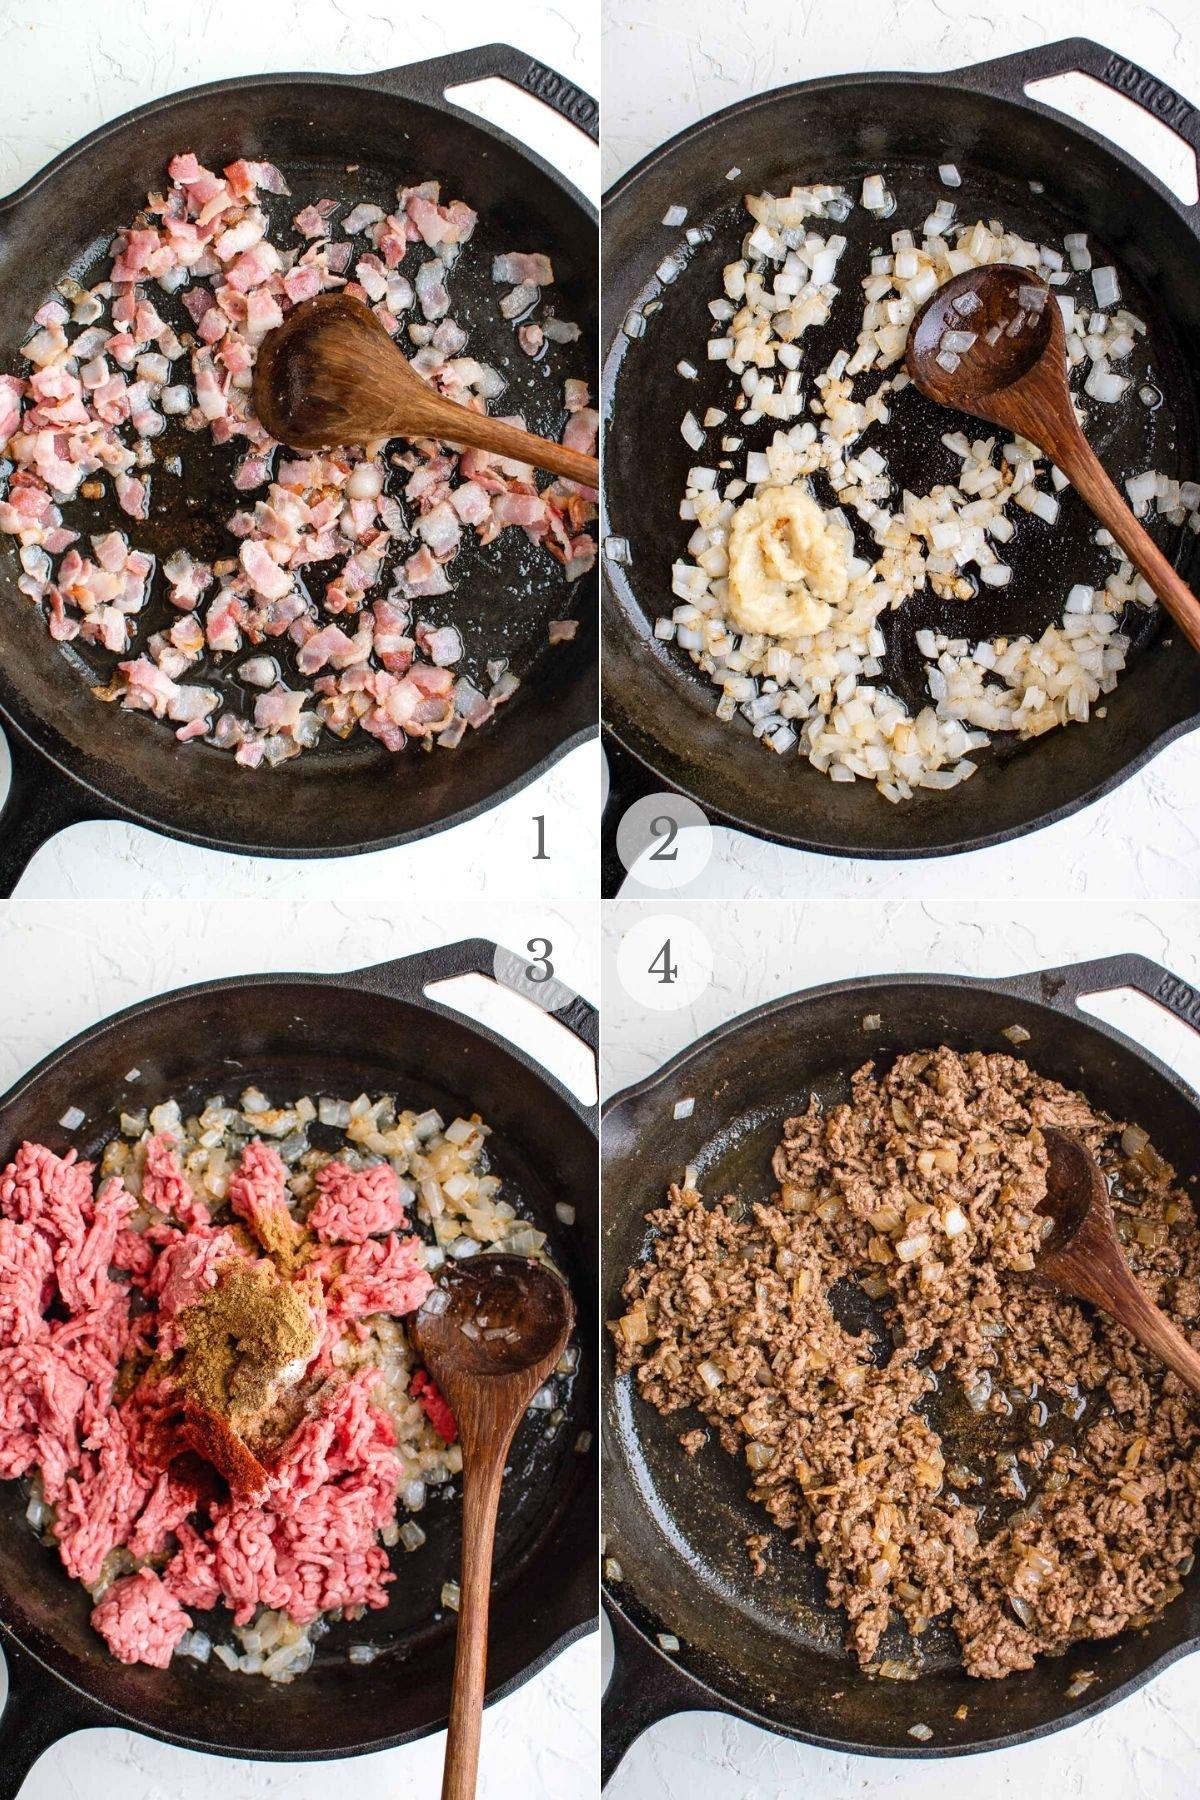 cowboy casserole recipe steps 1-4